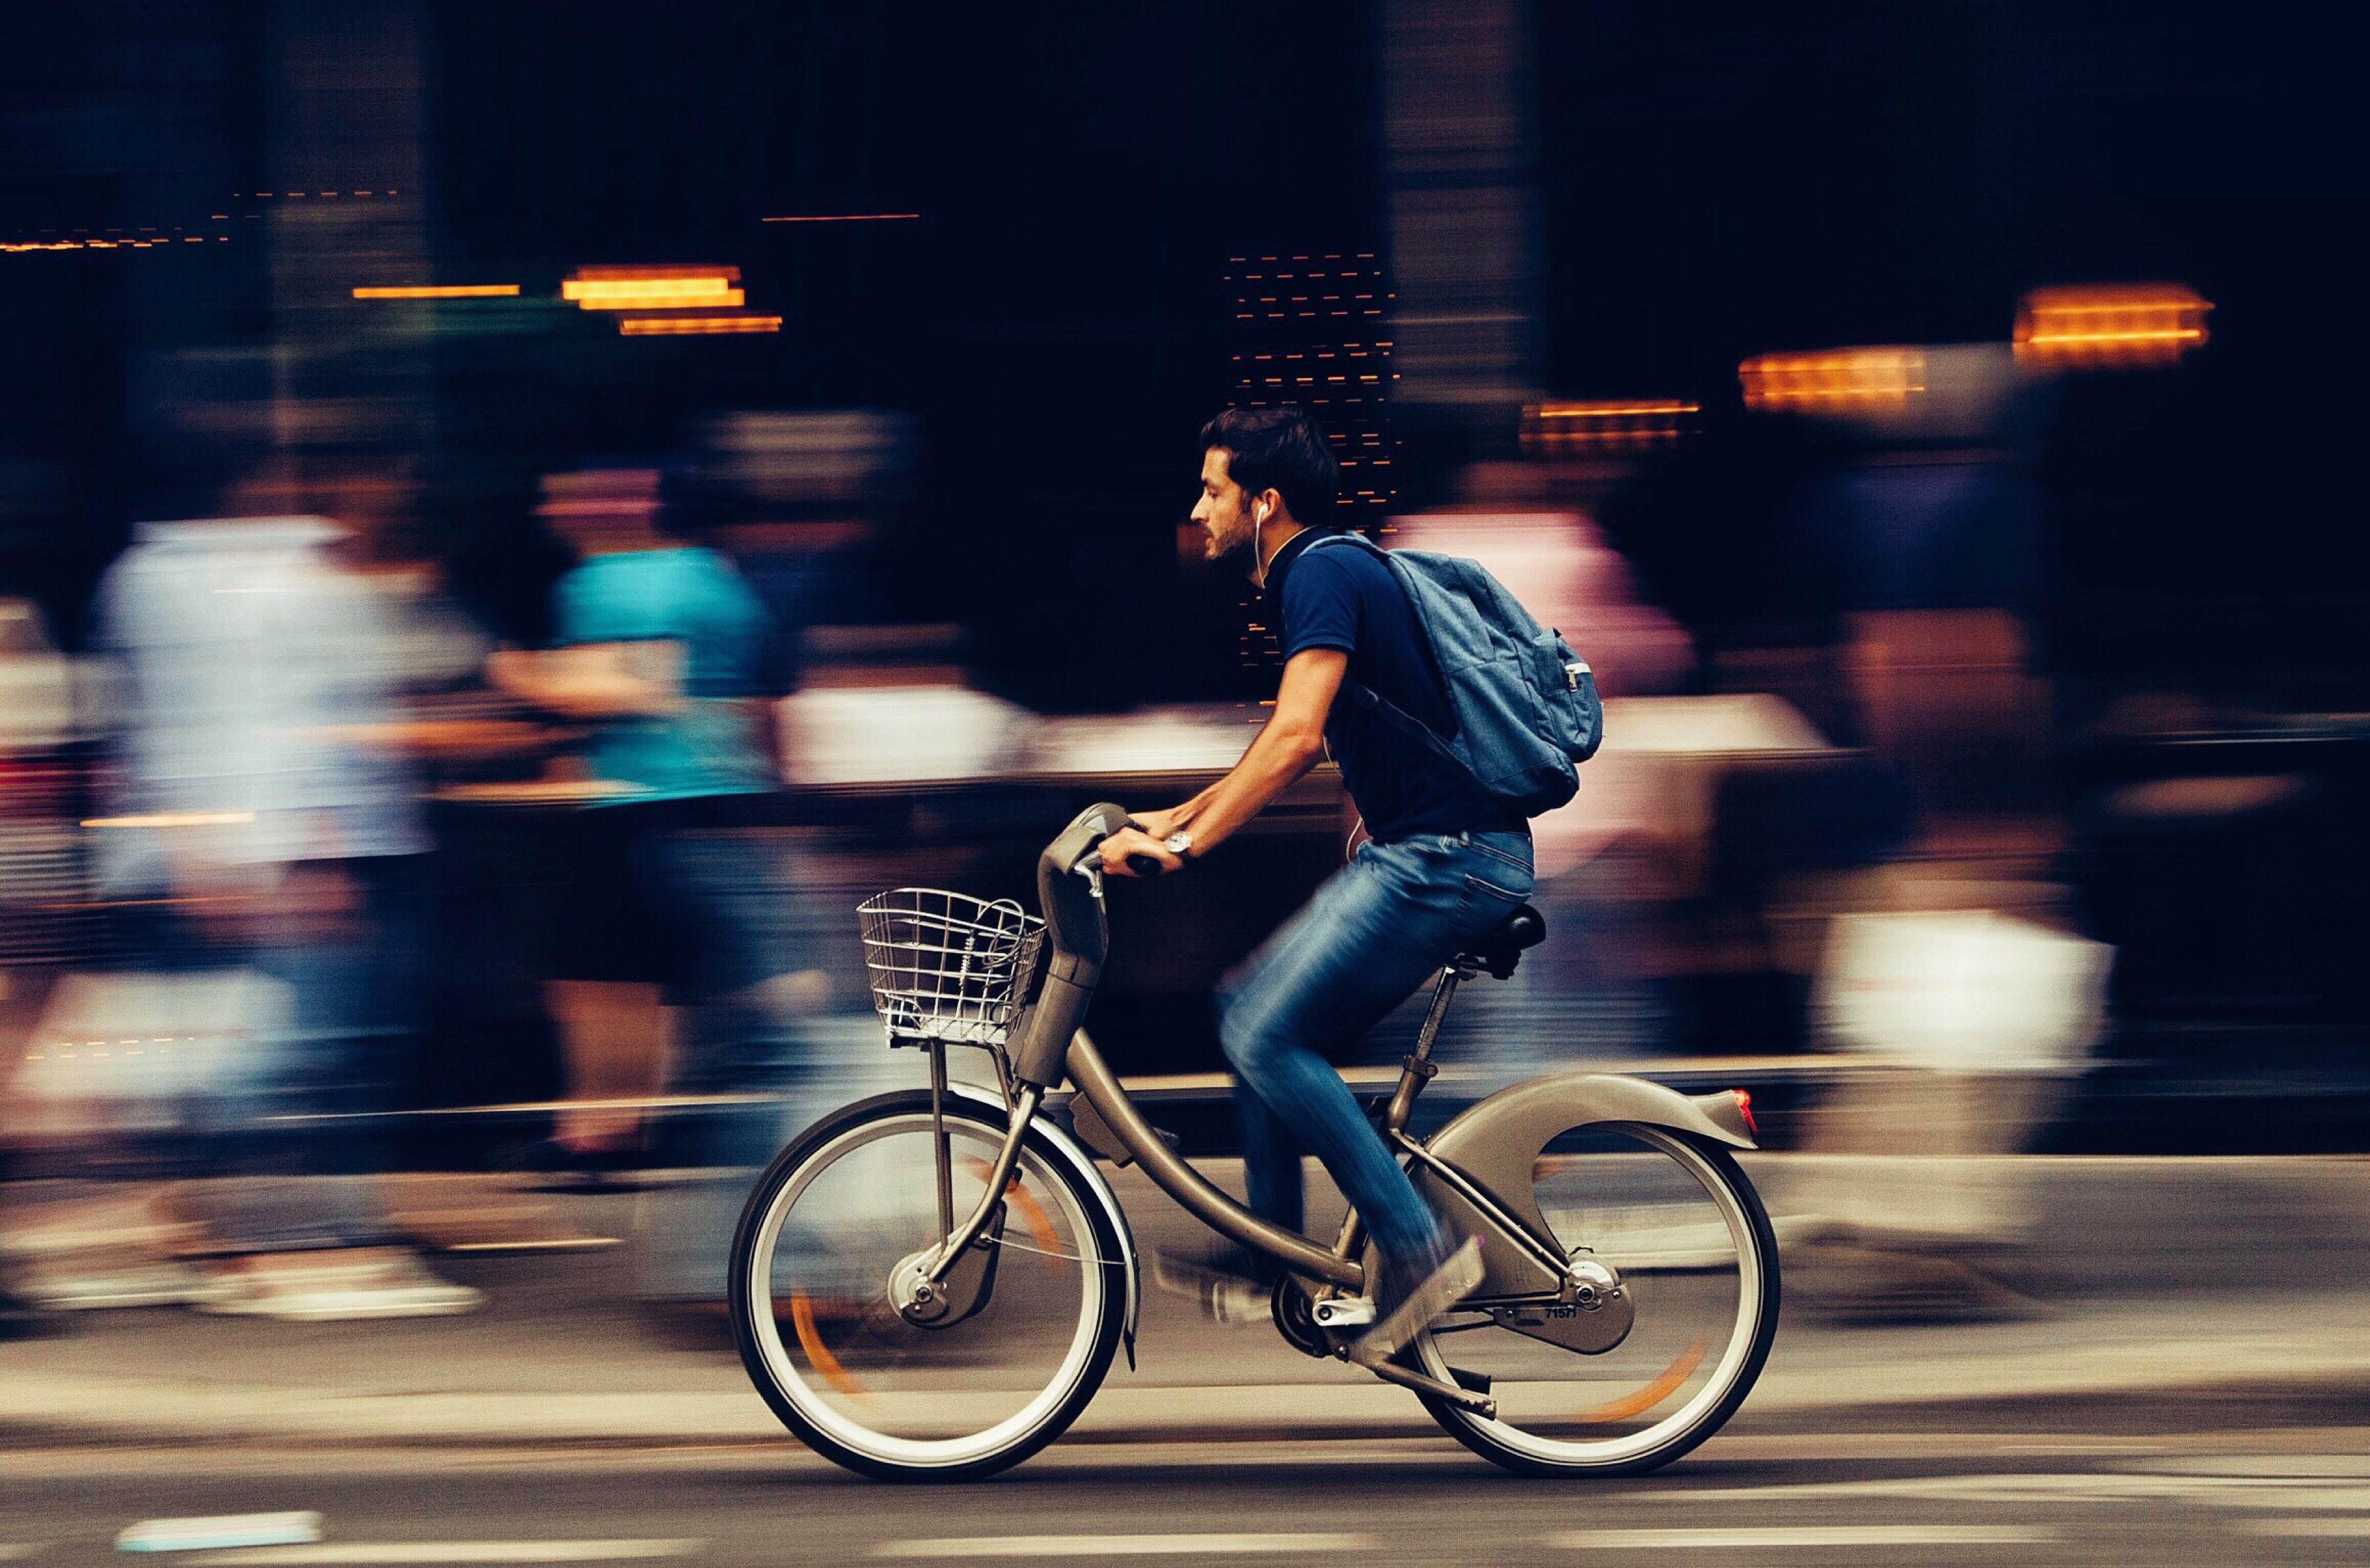 Mann som sykler i byen